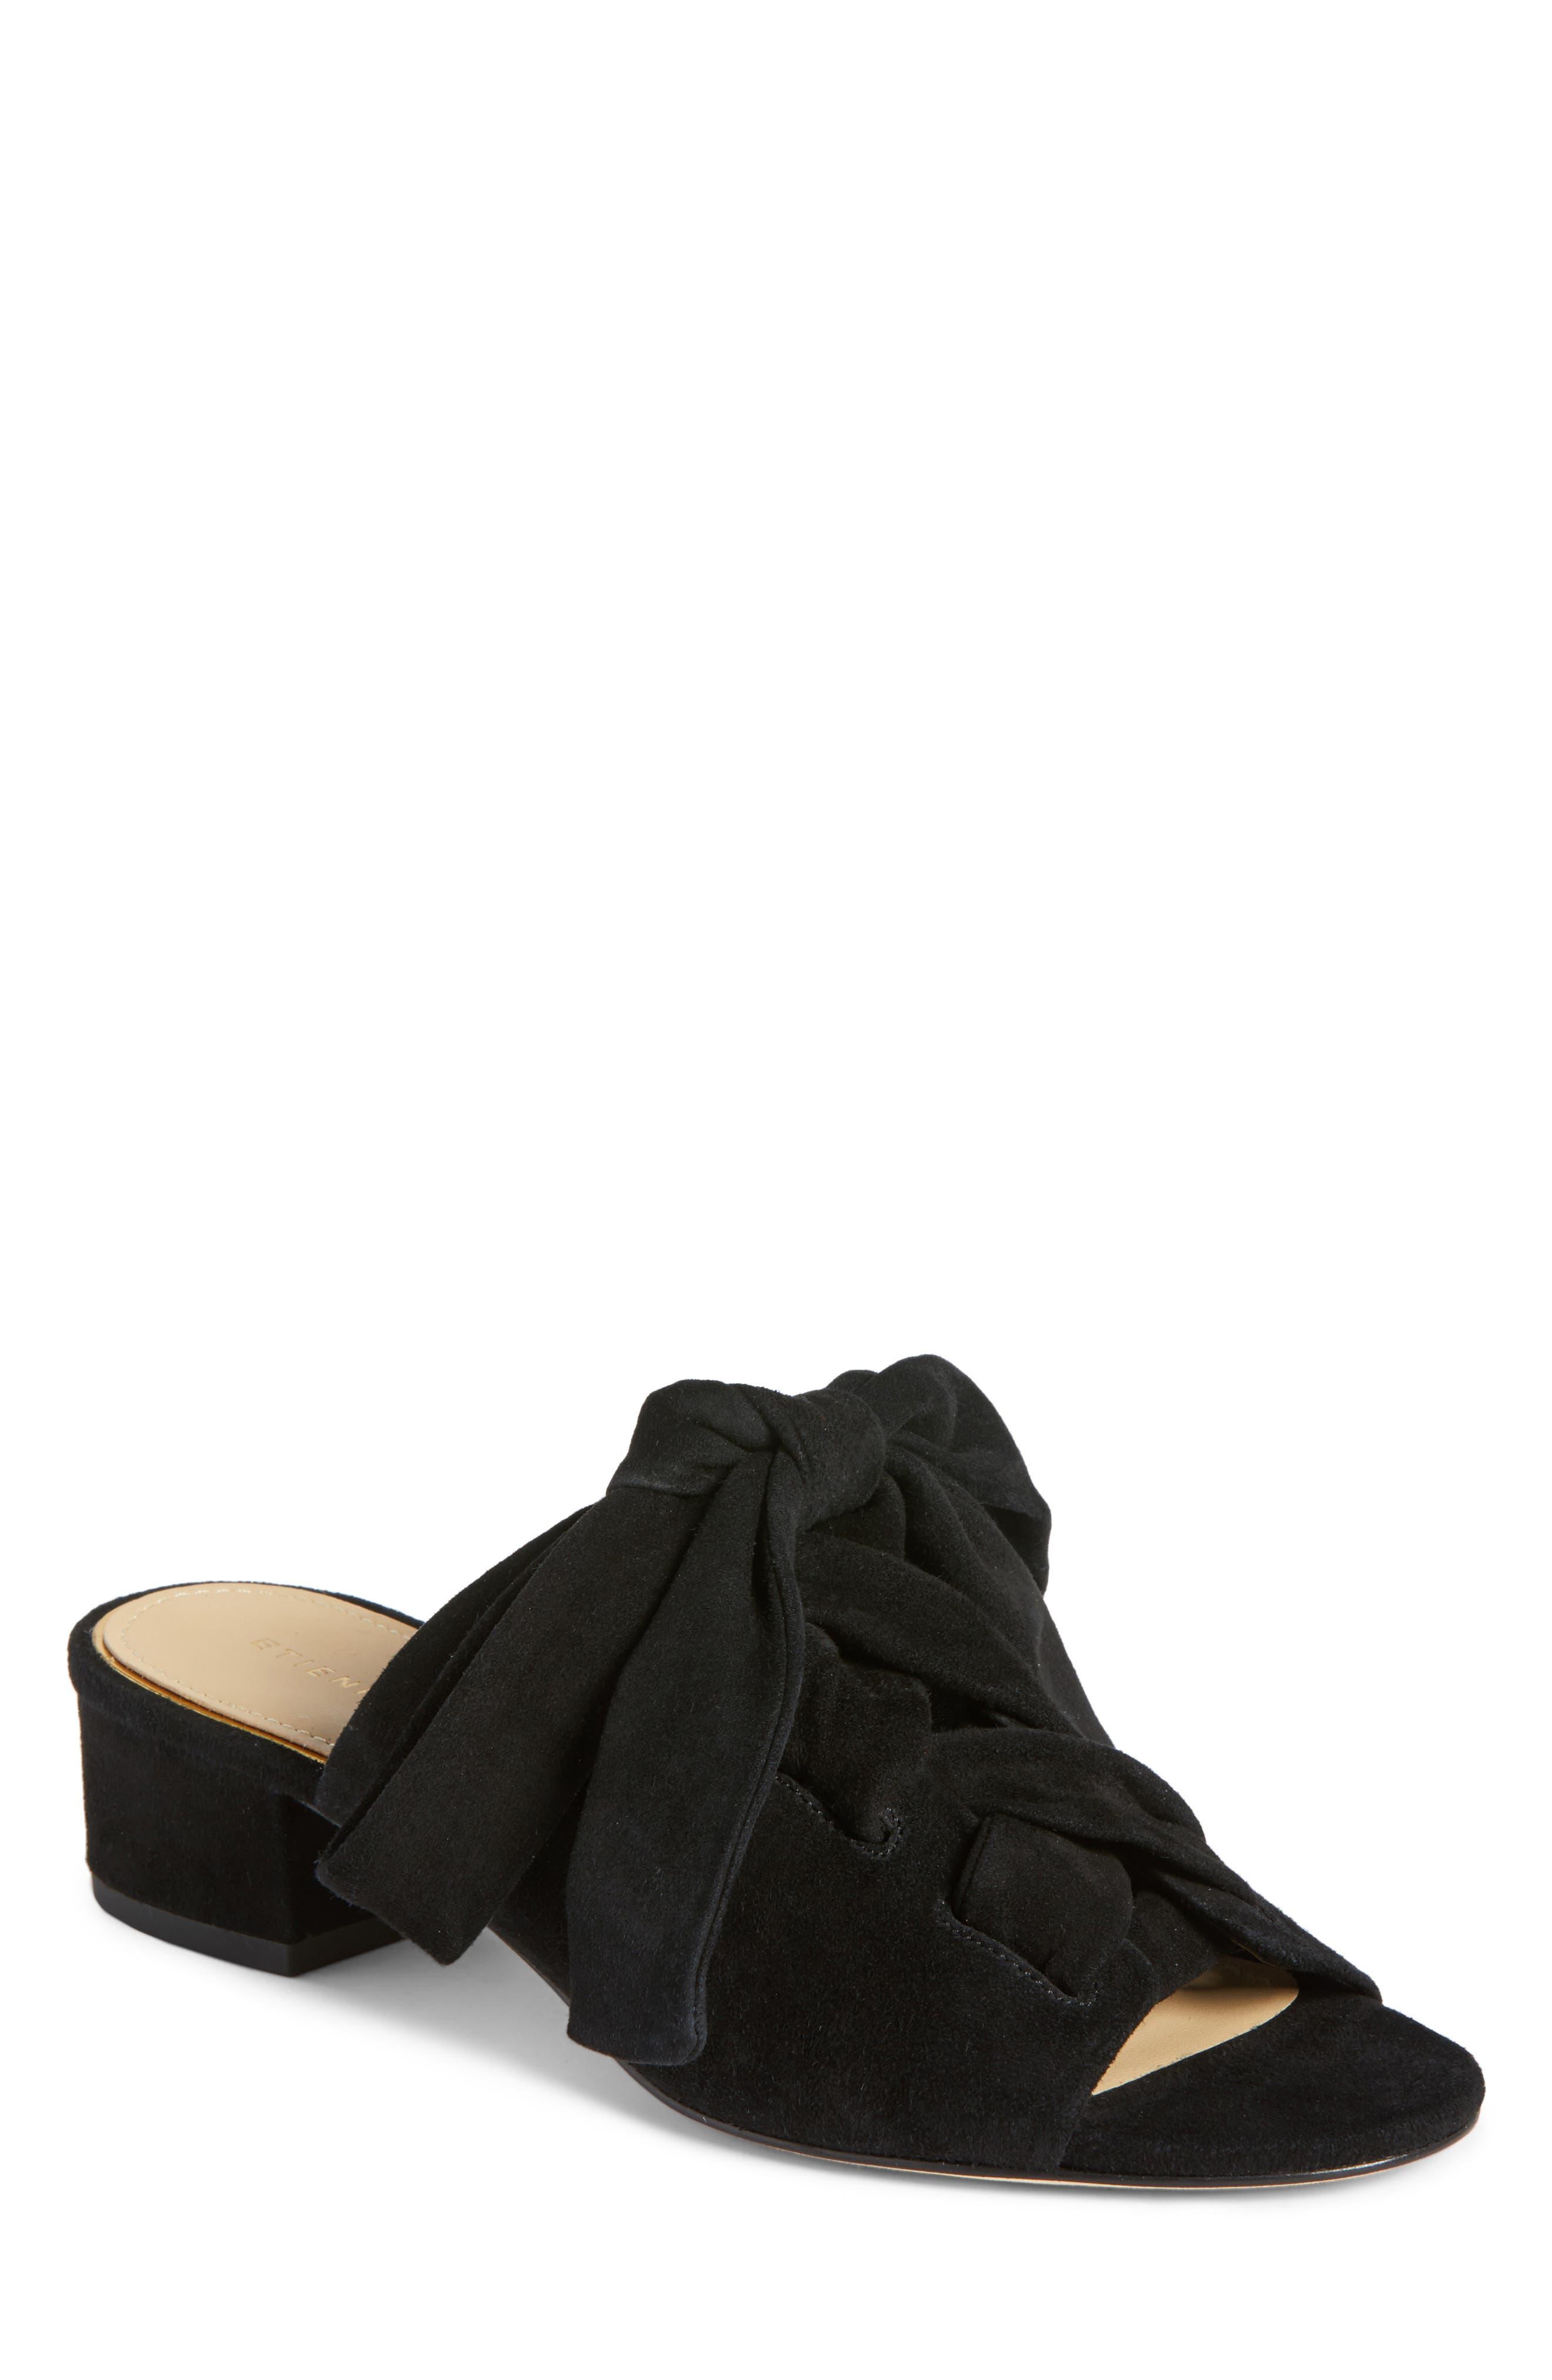 Bermuda Sandal,                             Main thumbnail 1, color,                             BLACK SUEDE